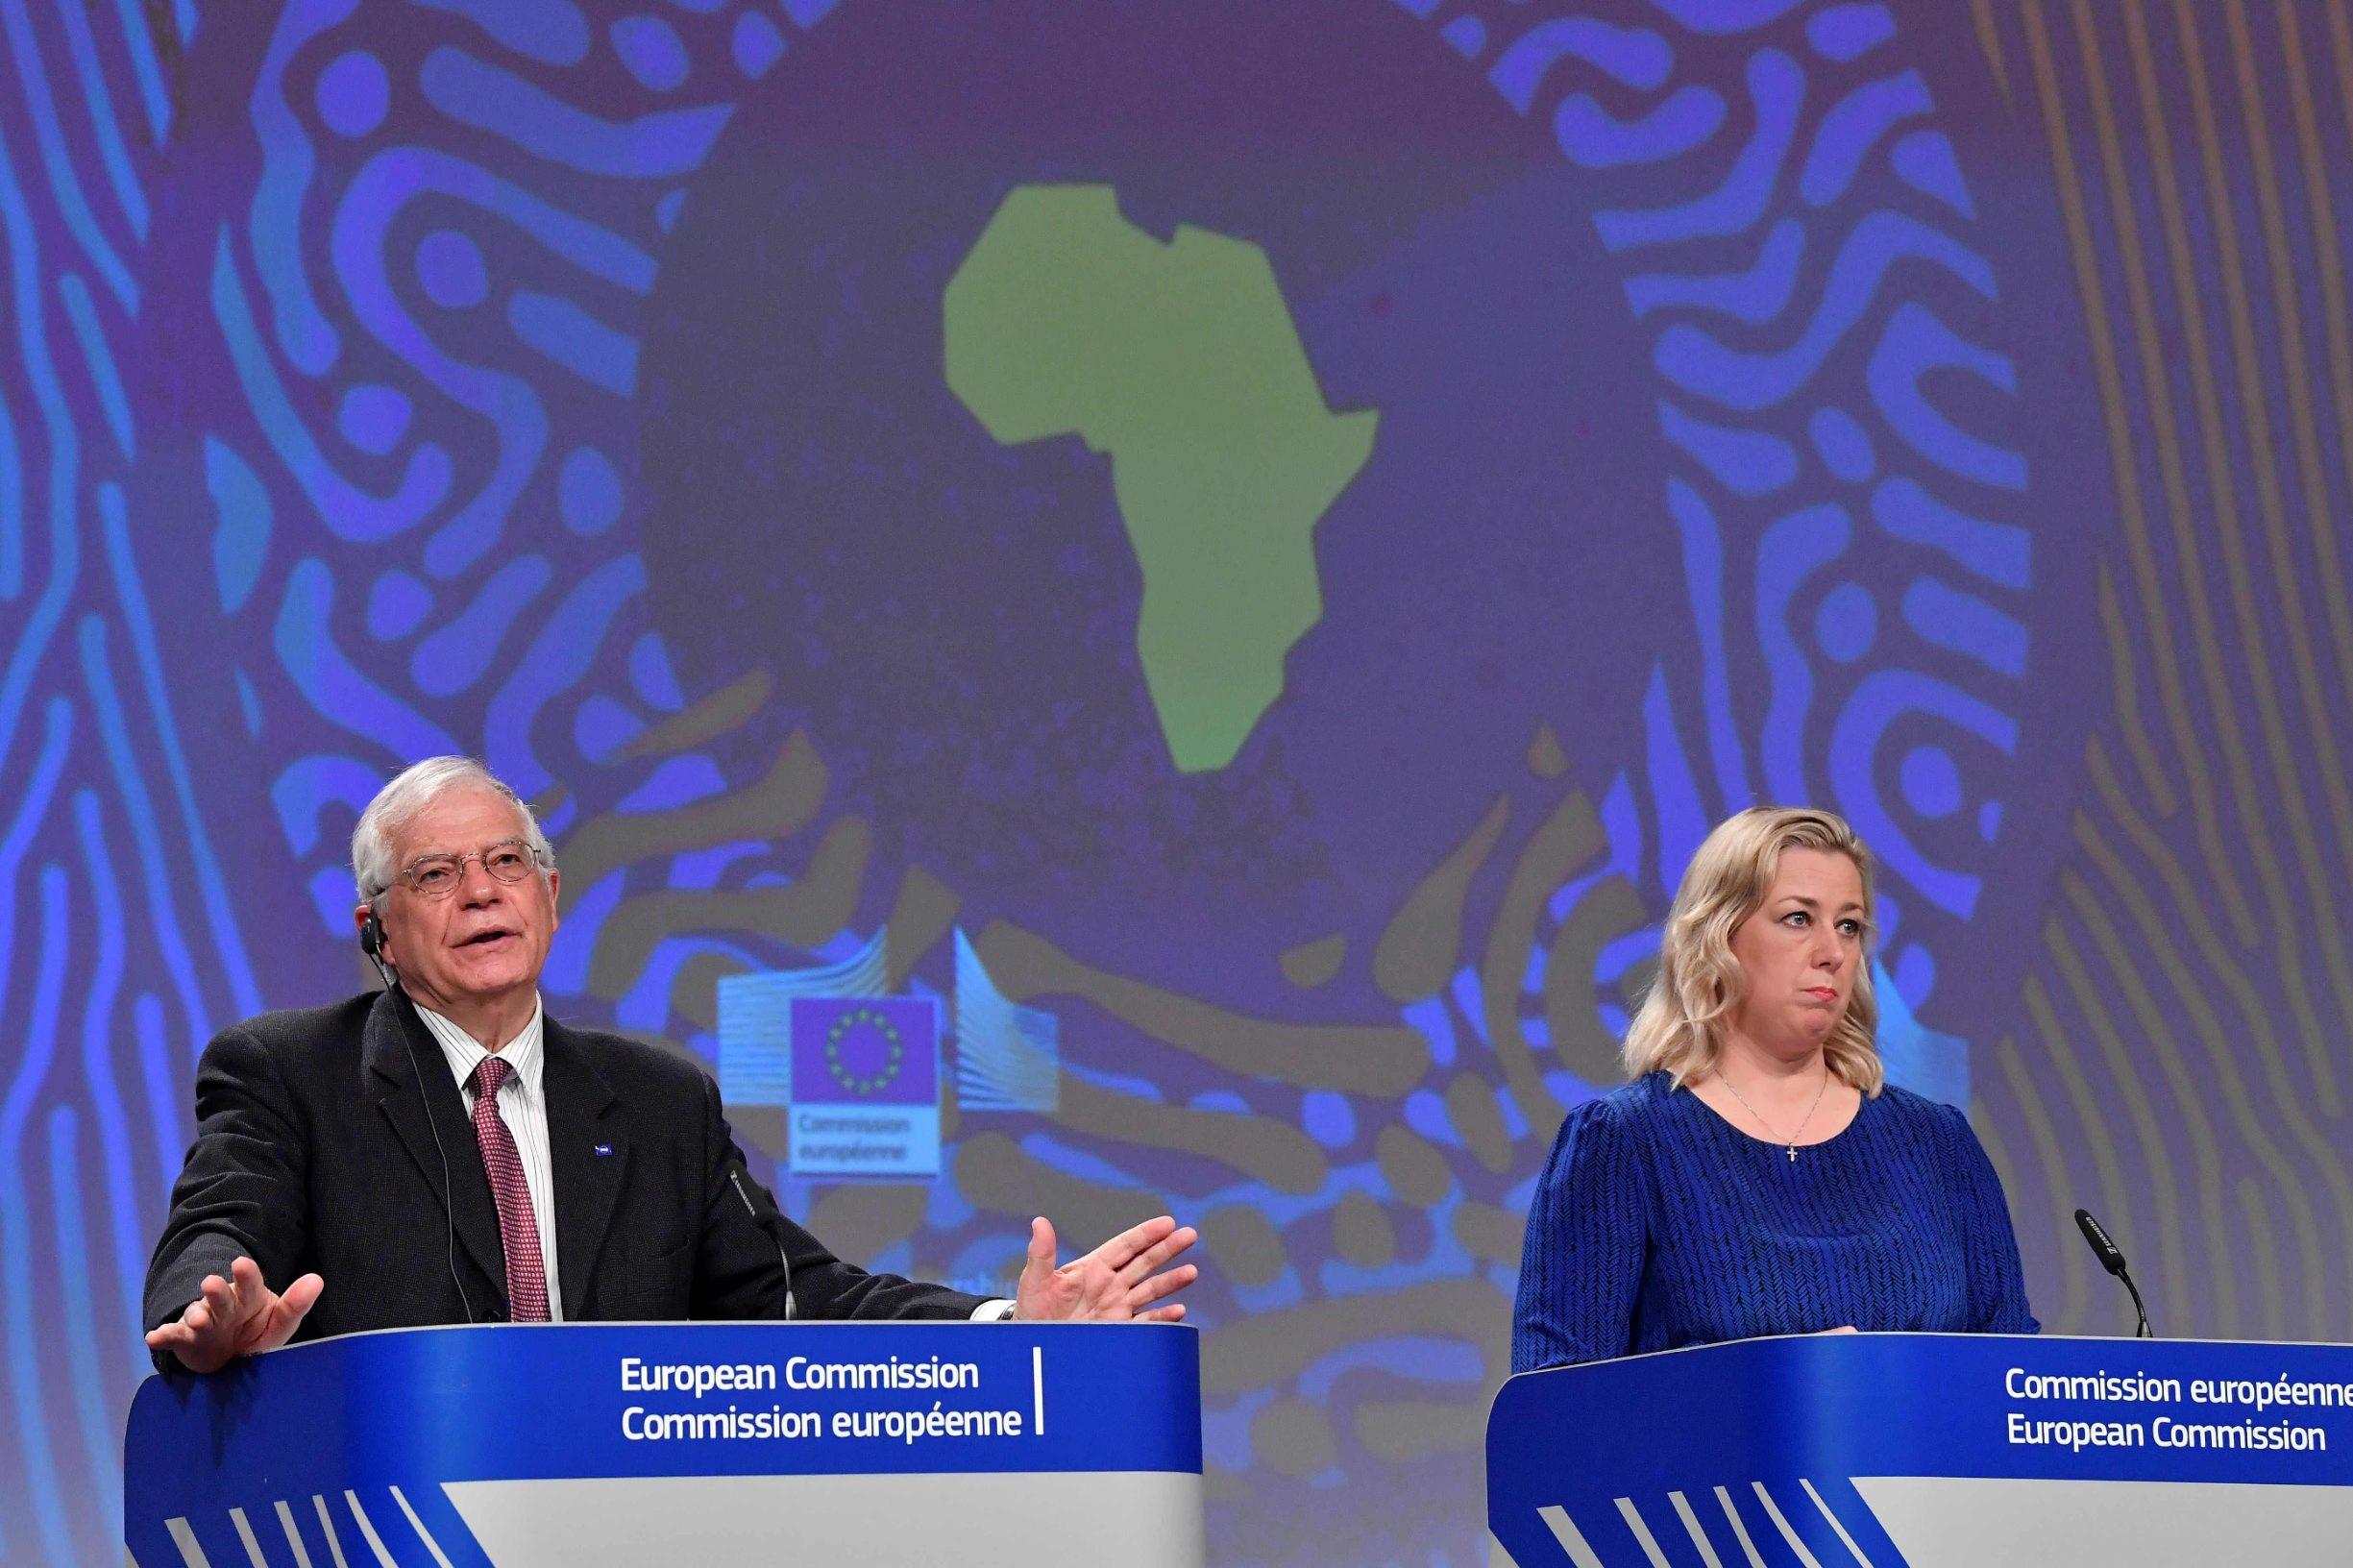 Visoki predstavnik EU-a za vanjsku i sigurnosnu politiku Josep Borrel i europska povjerenica za međunarodna partnerstva Jutta Urpilainen